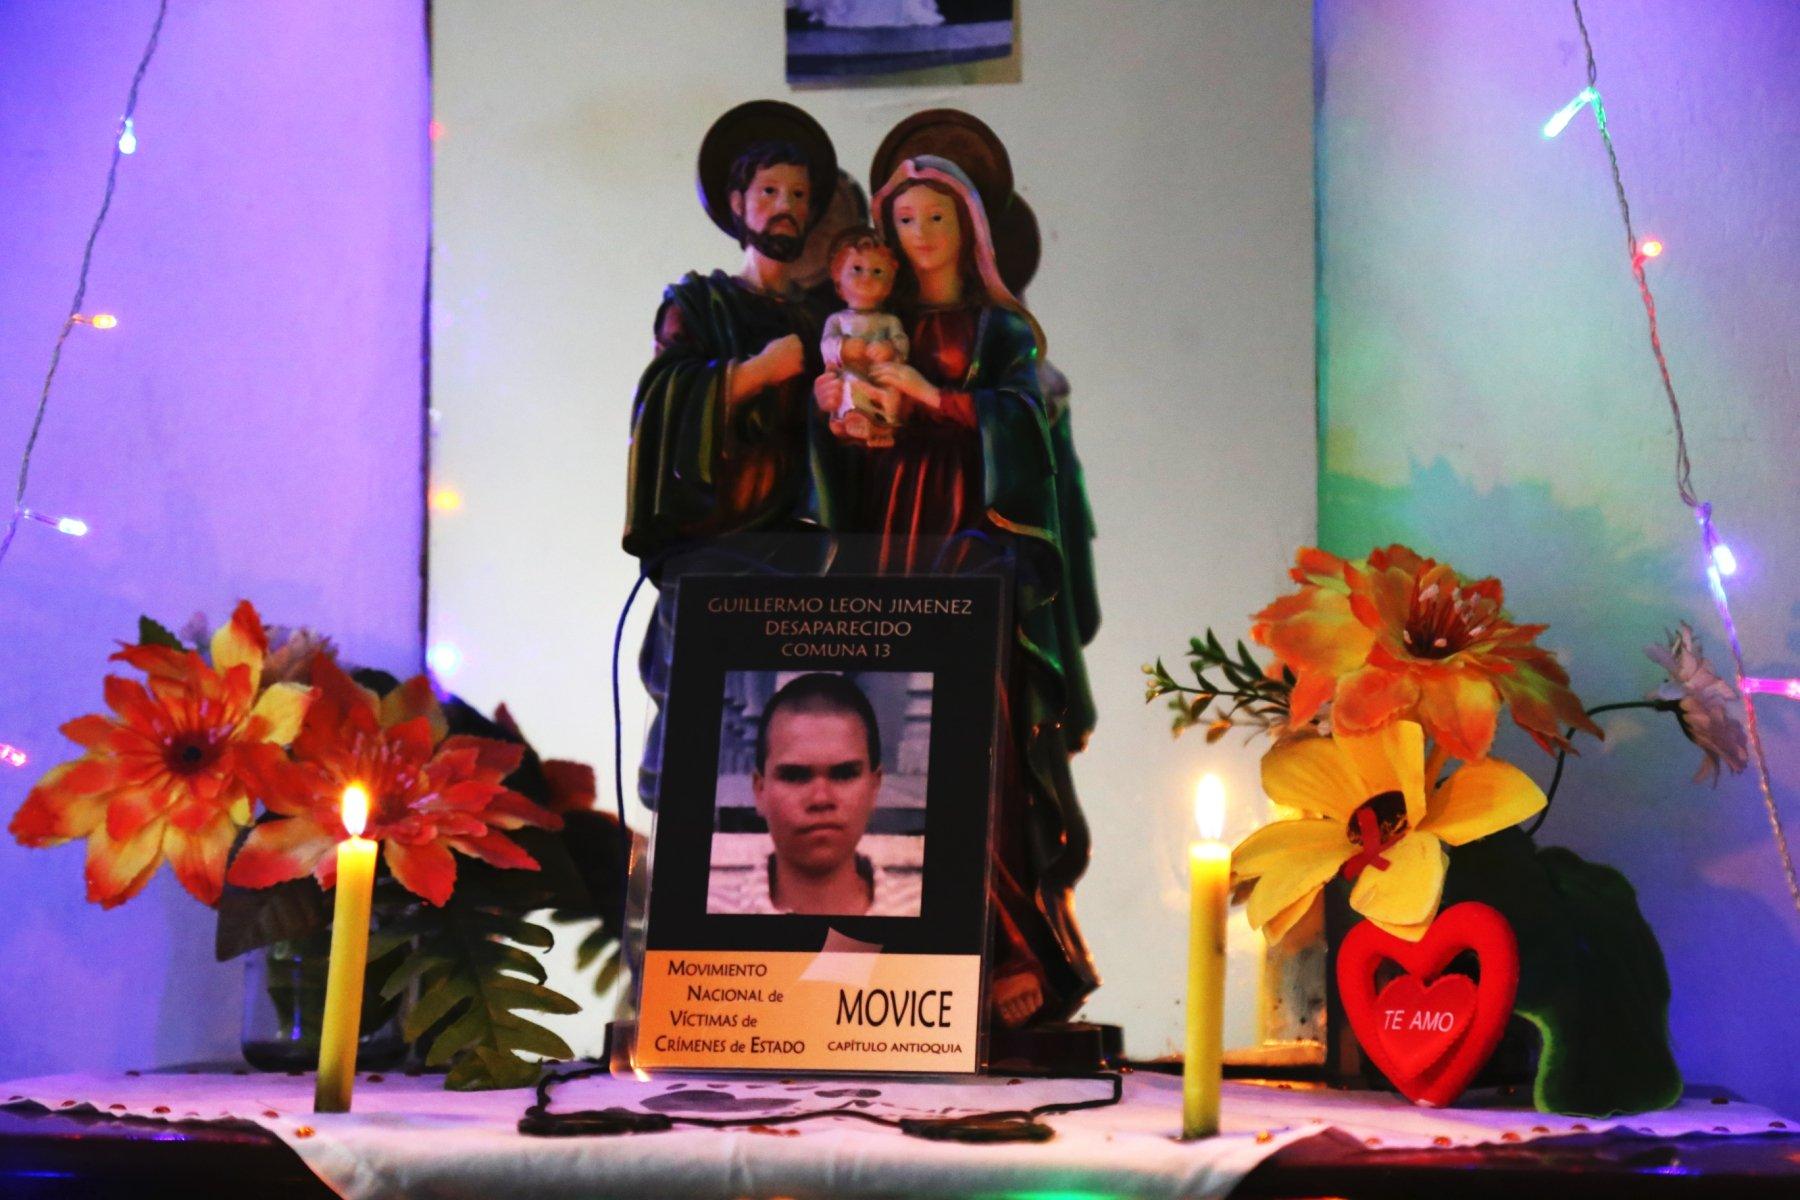 Guillermo León Jiménez: Desaparecido en la Comuna 13 de Medellín